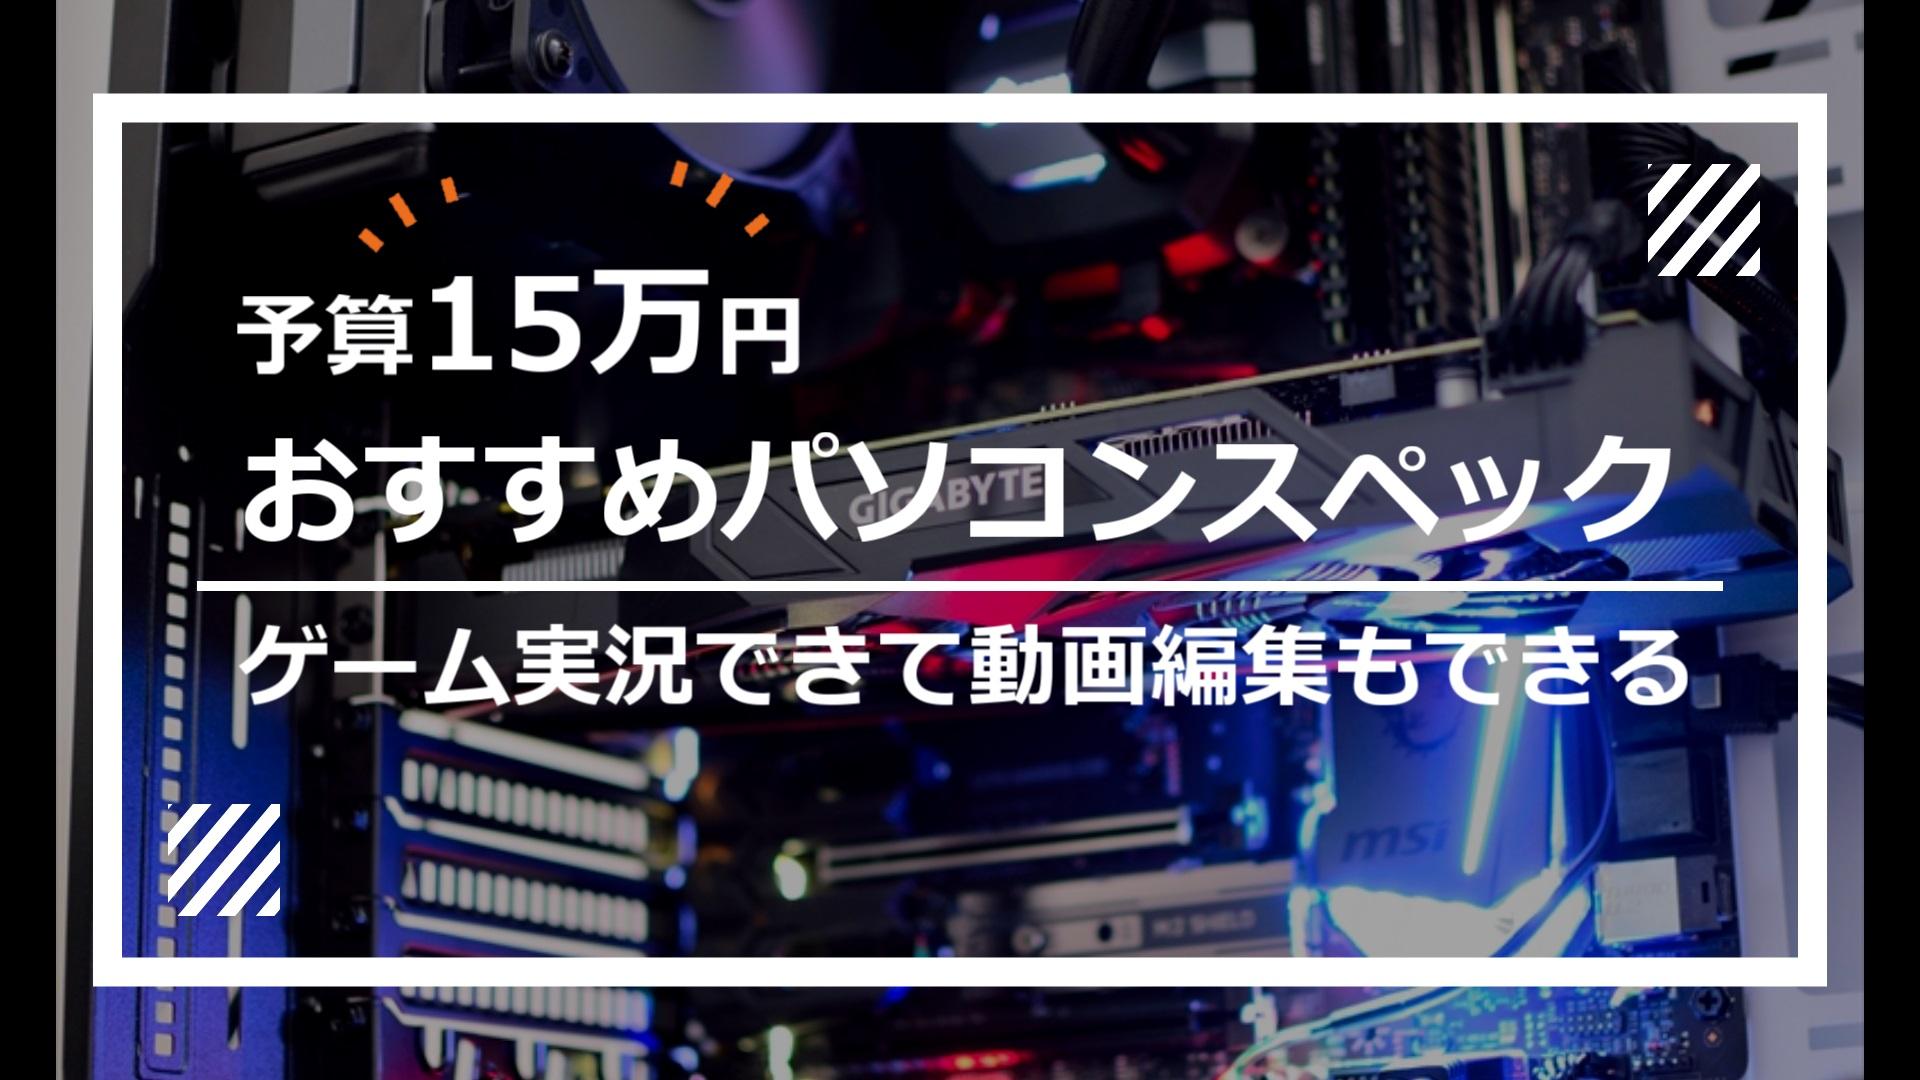 PCゲームができて動画編集ソフトAviUtlも使えるパソコンのスペック【予算15万円/OS込み】